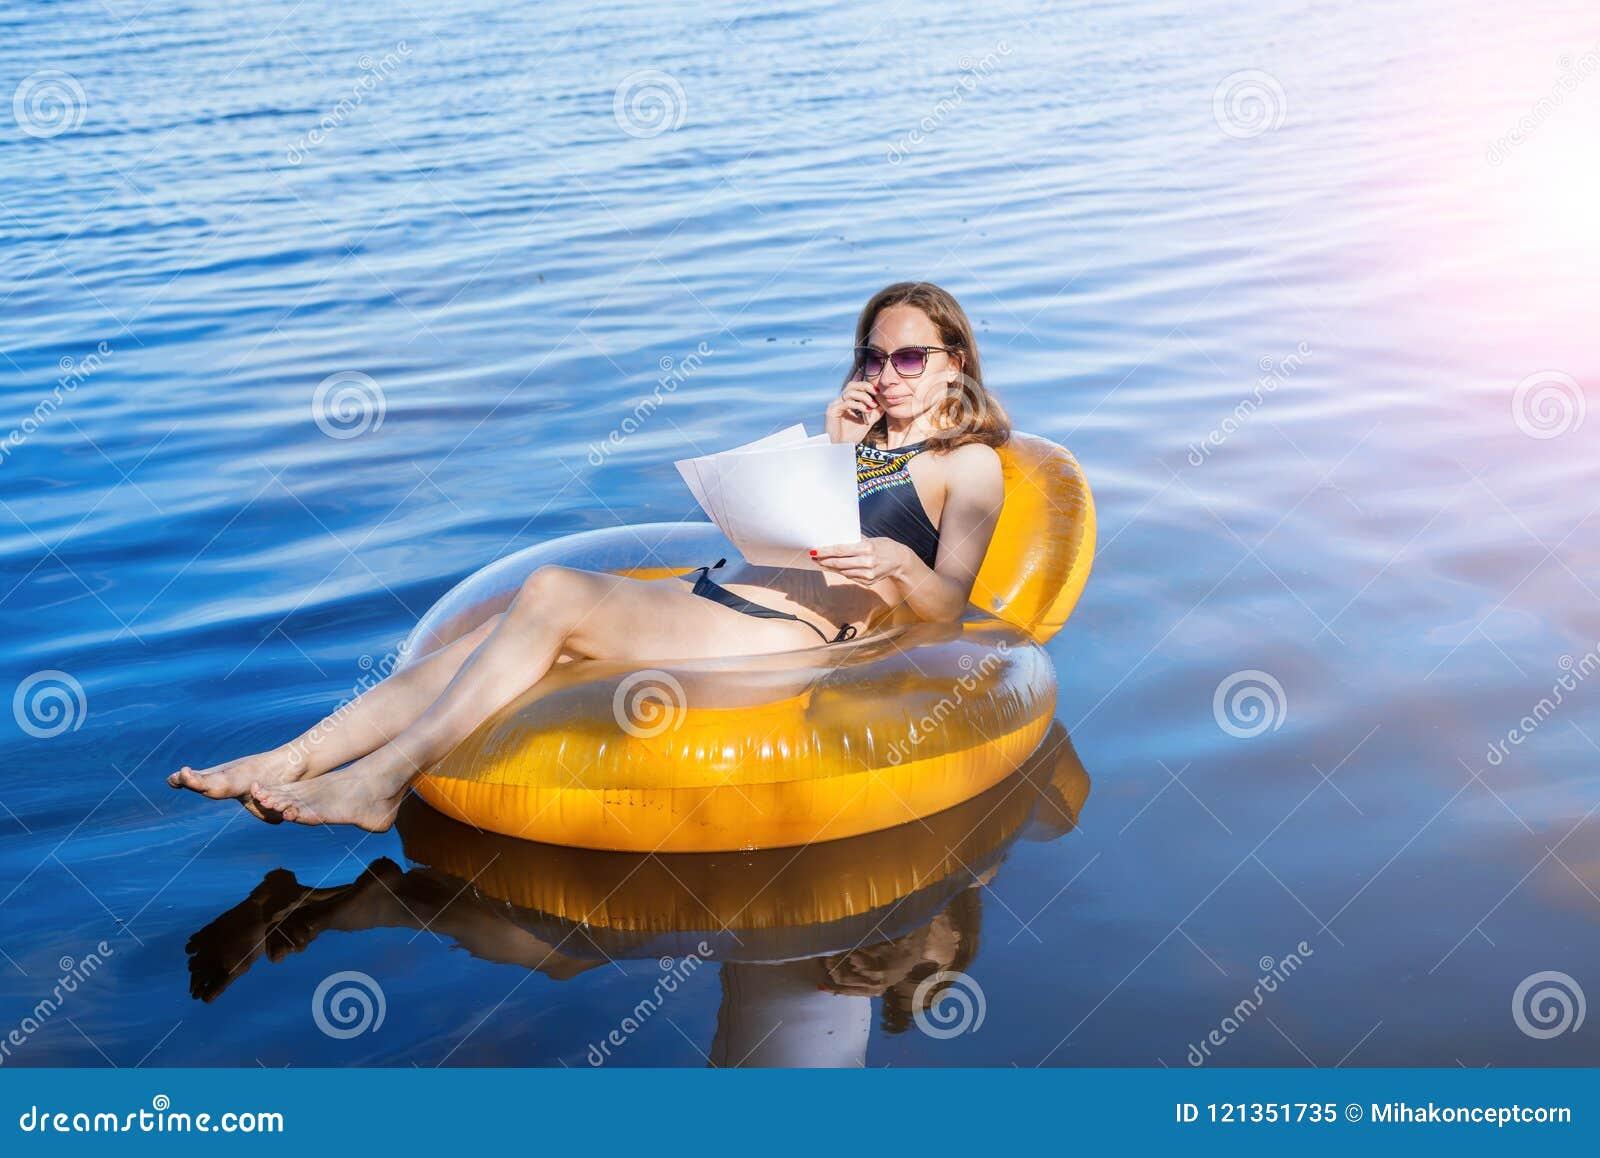 Biznesowa kobieta pracuje na wakacje, daleka praca